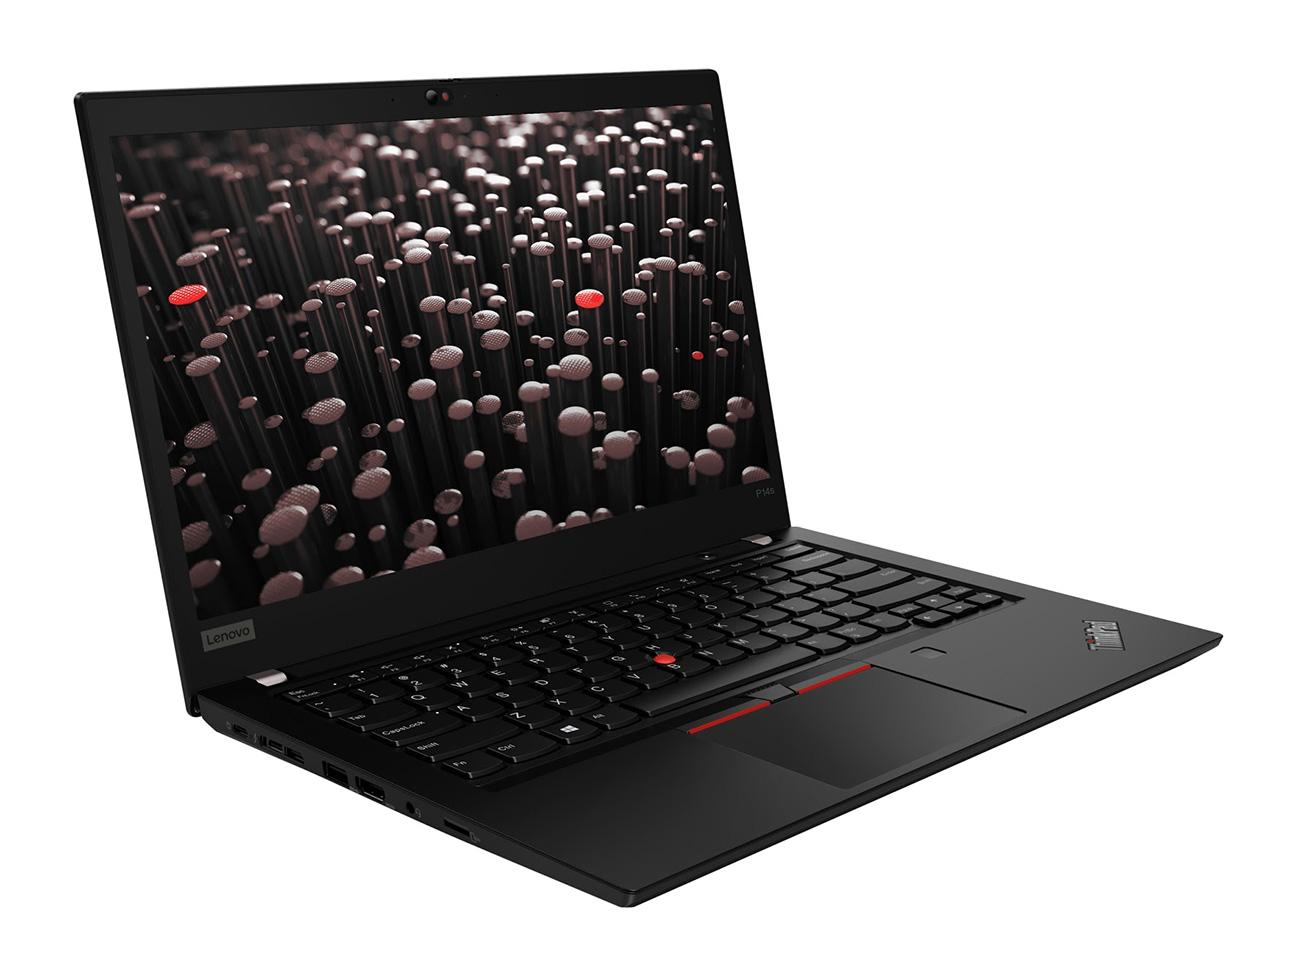 Lenovo представила мобильные рабочие станции ThinkPad P